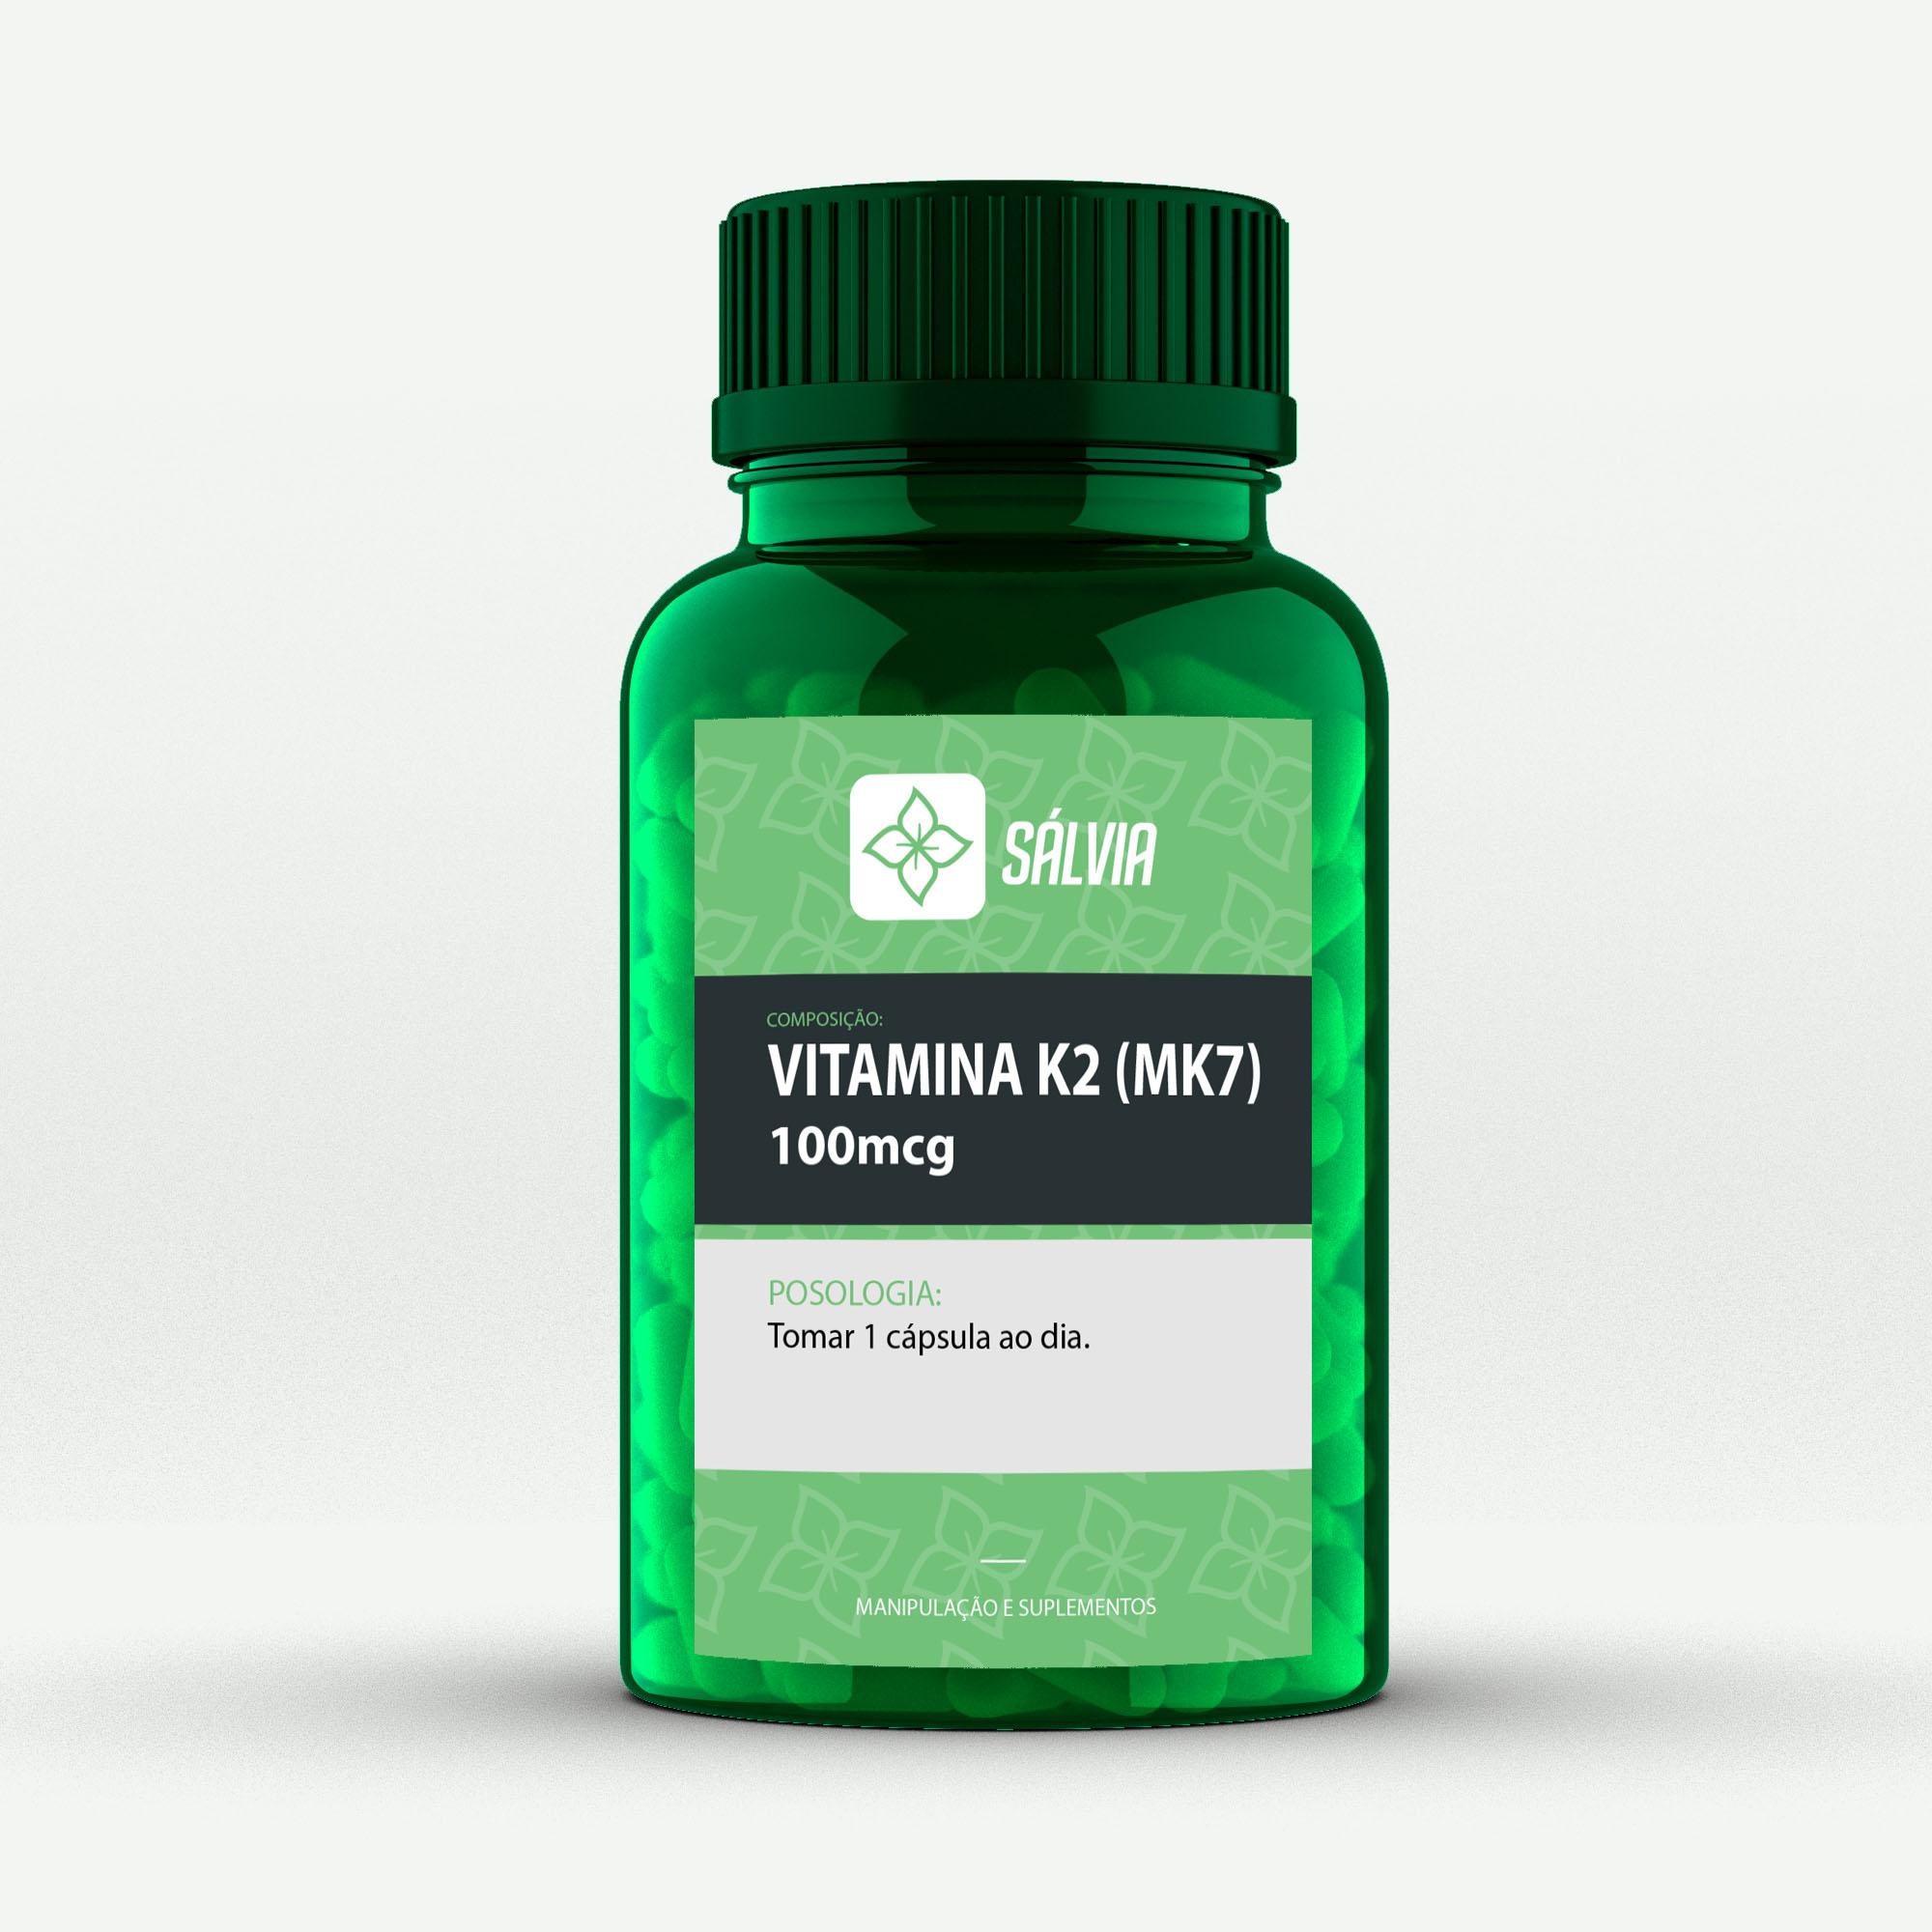 VITAMINA K2 (MK7) 100mcg - Cápsulas